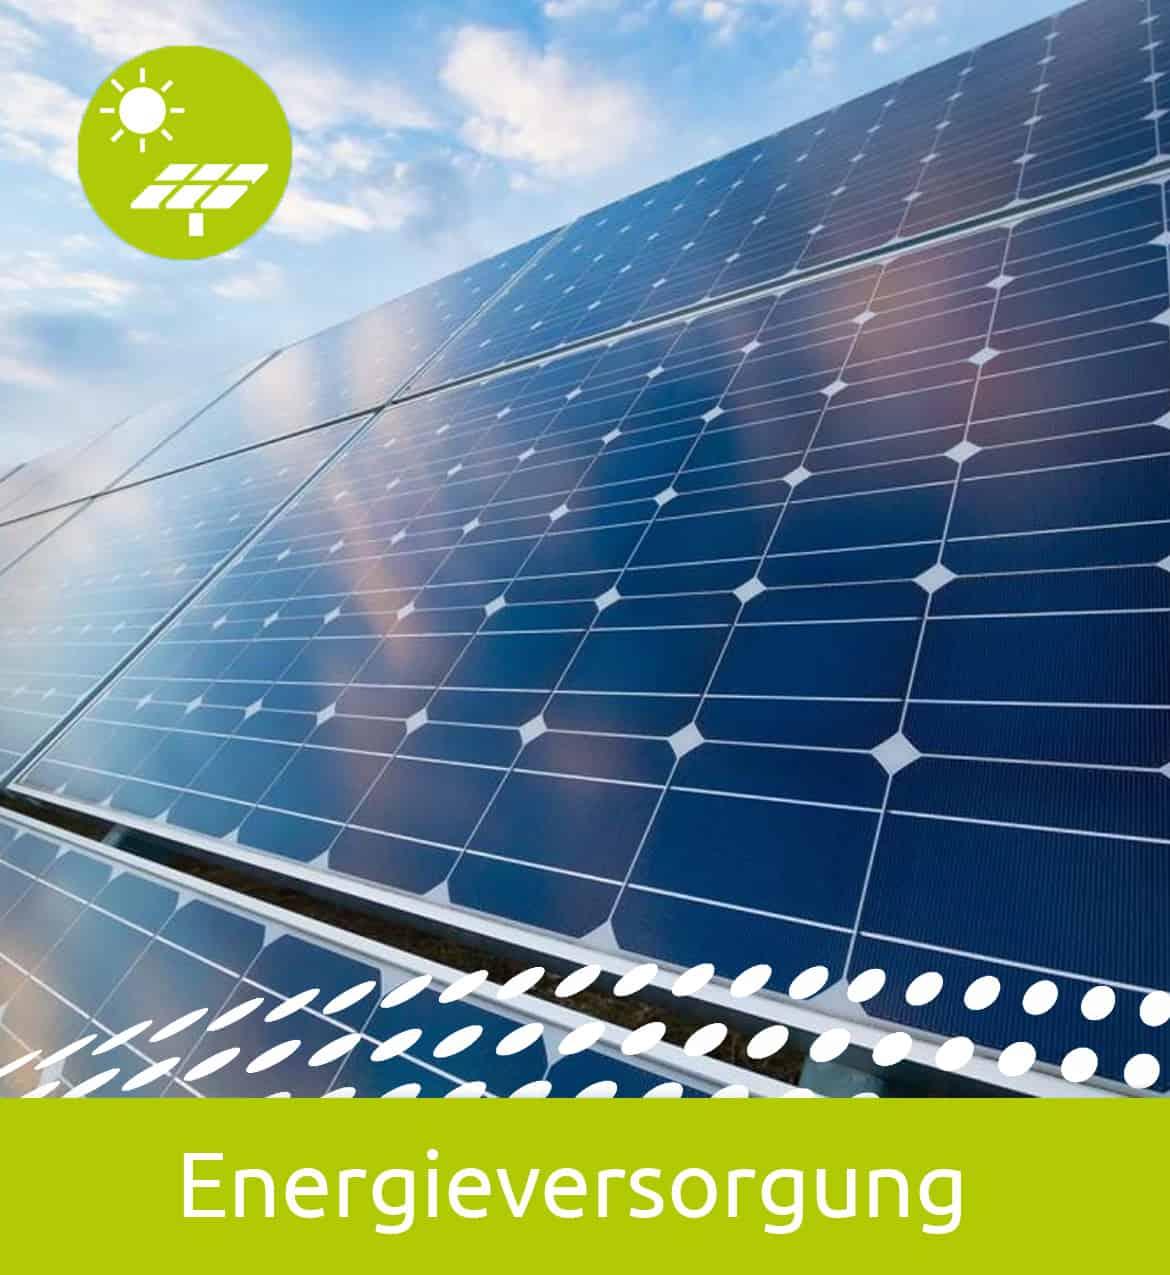 energieversorgung_menu